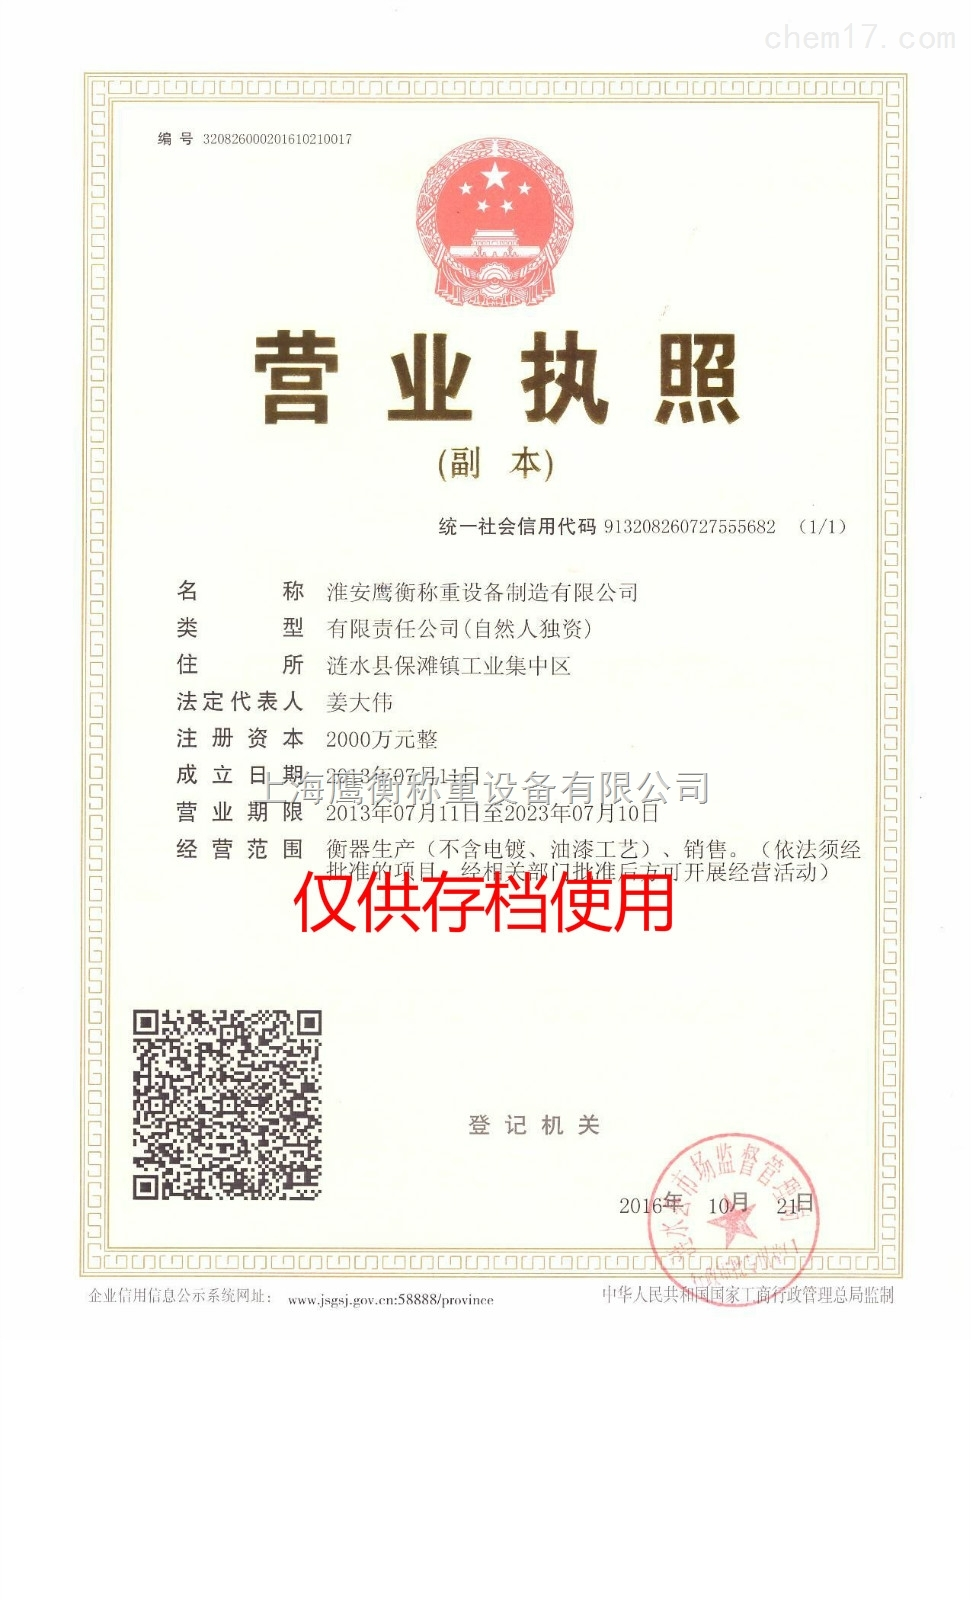 江苏工厂营业执照